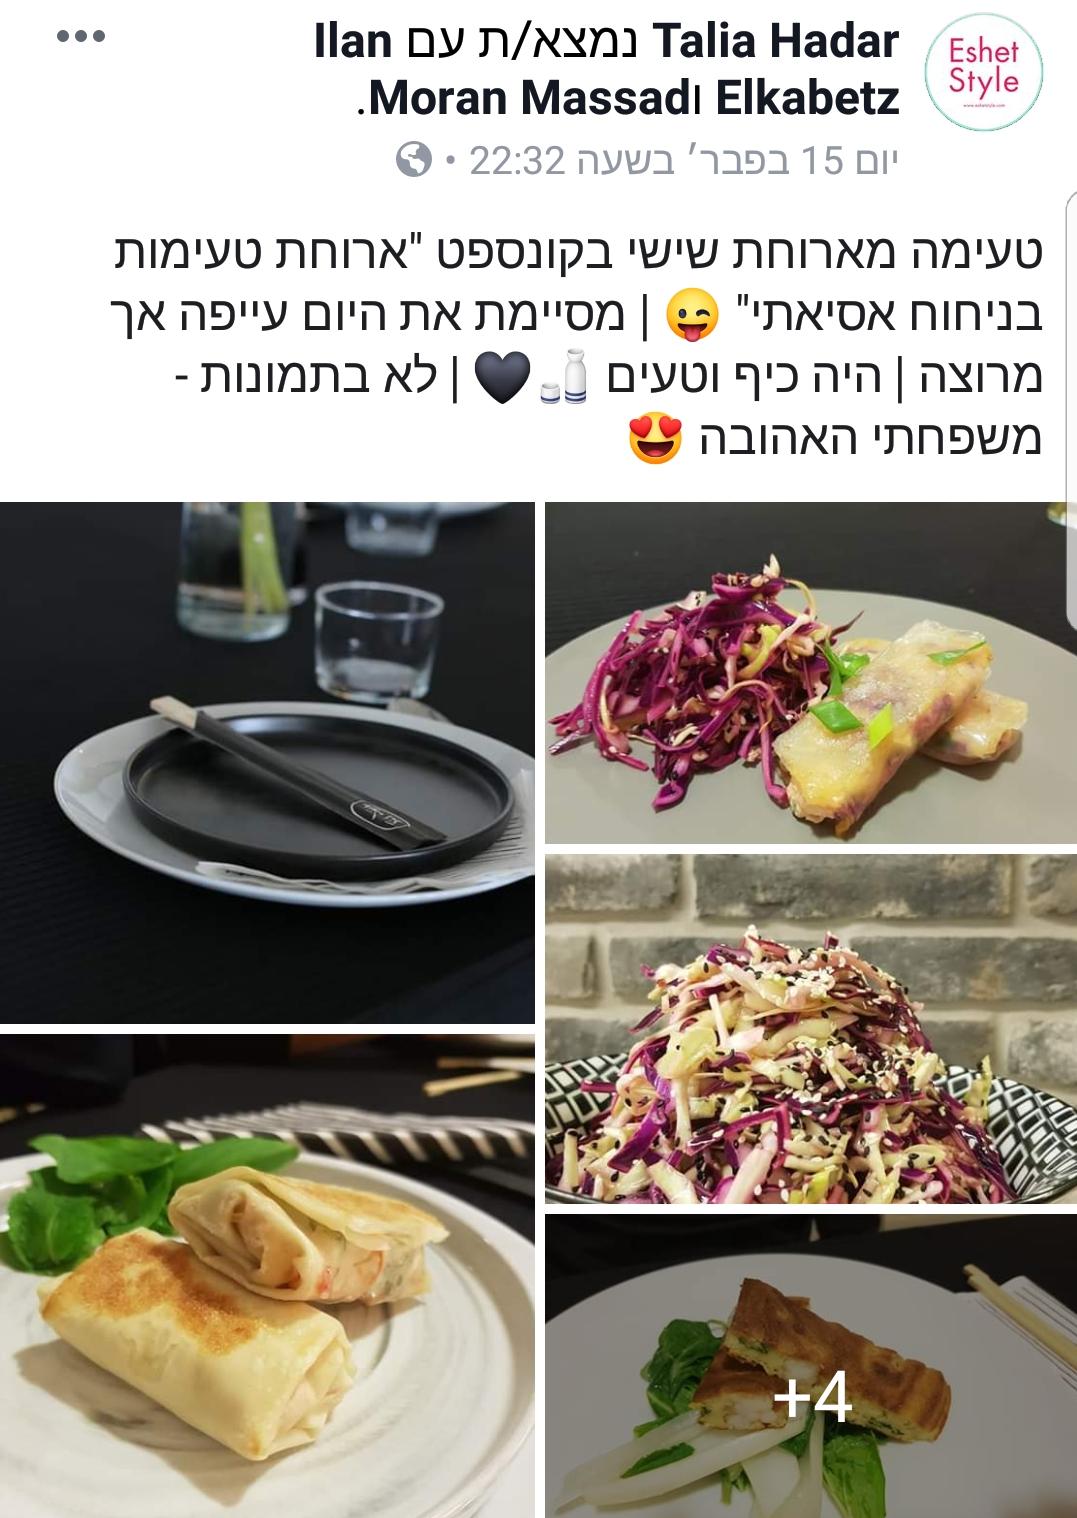 ארוחת טעימות אסיאתיתי_אירוח בסטייל_טליה הדר_אשת סטייל